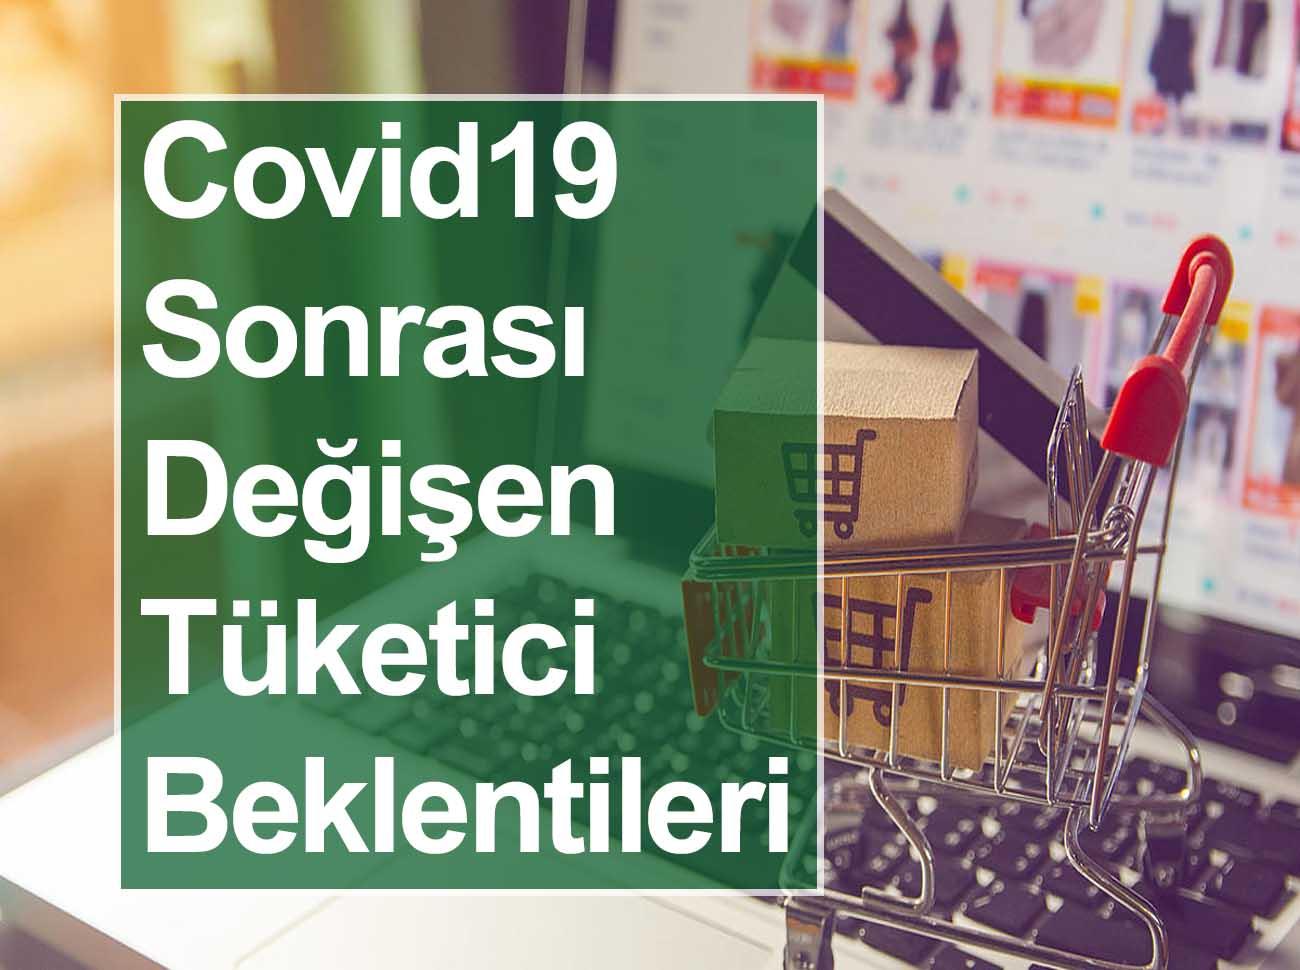 Covid19 Sonrası Değişen Tüketici Beklentileri